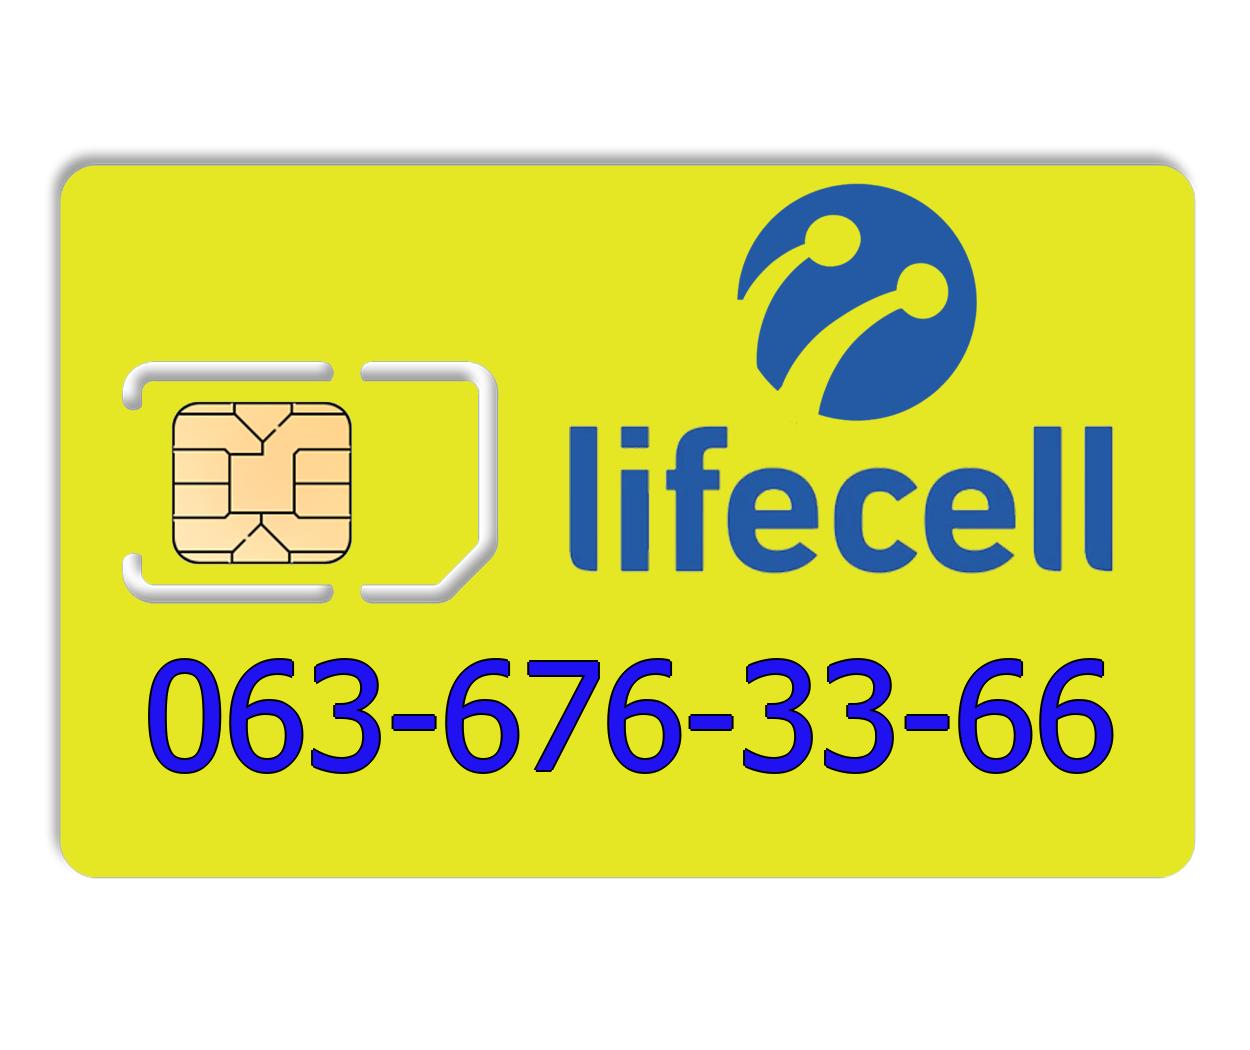 Красивый номер lifecell 063-676-33-66